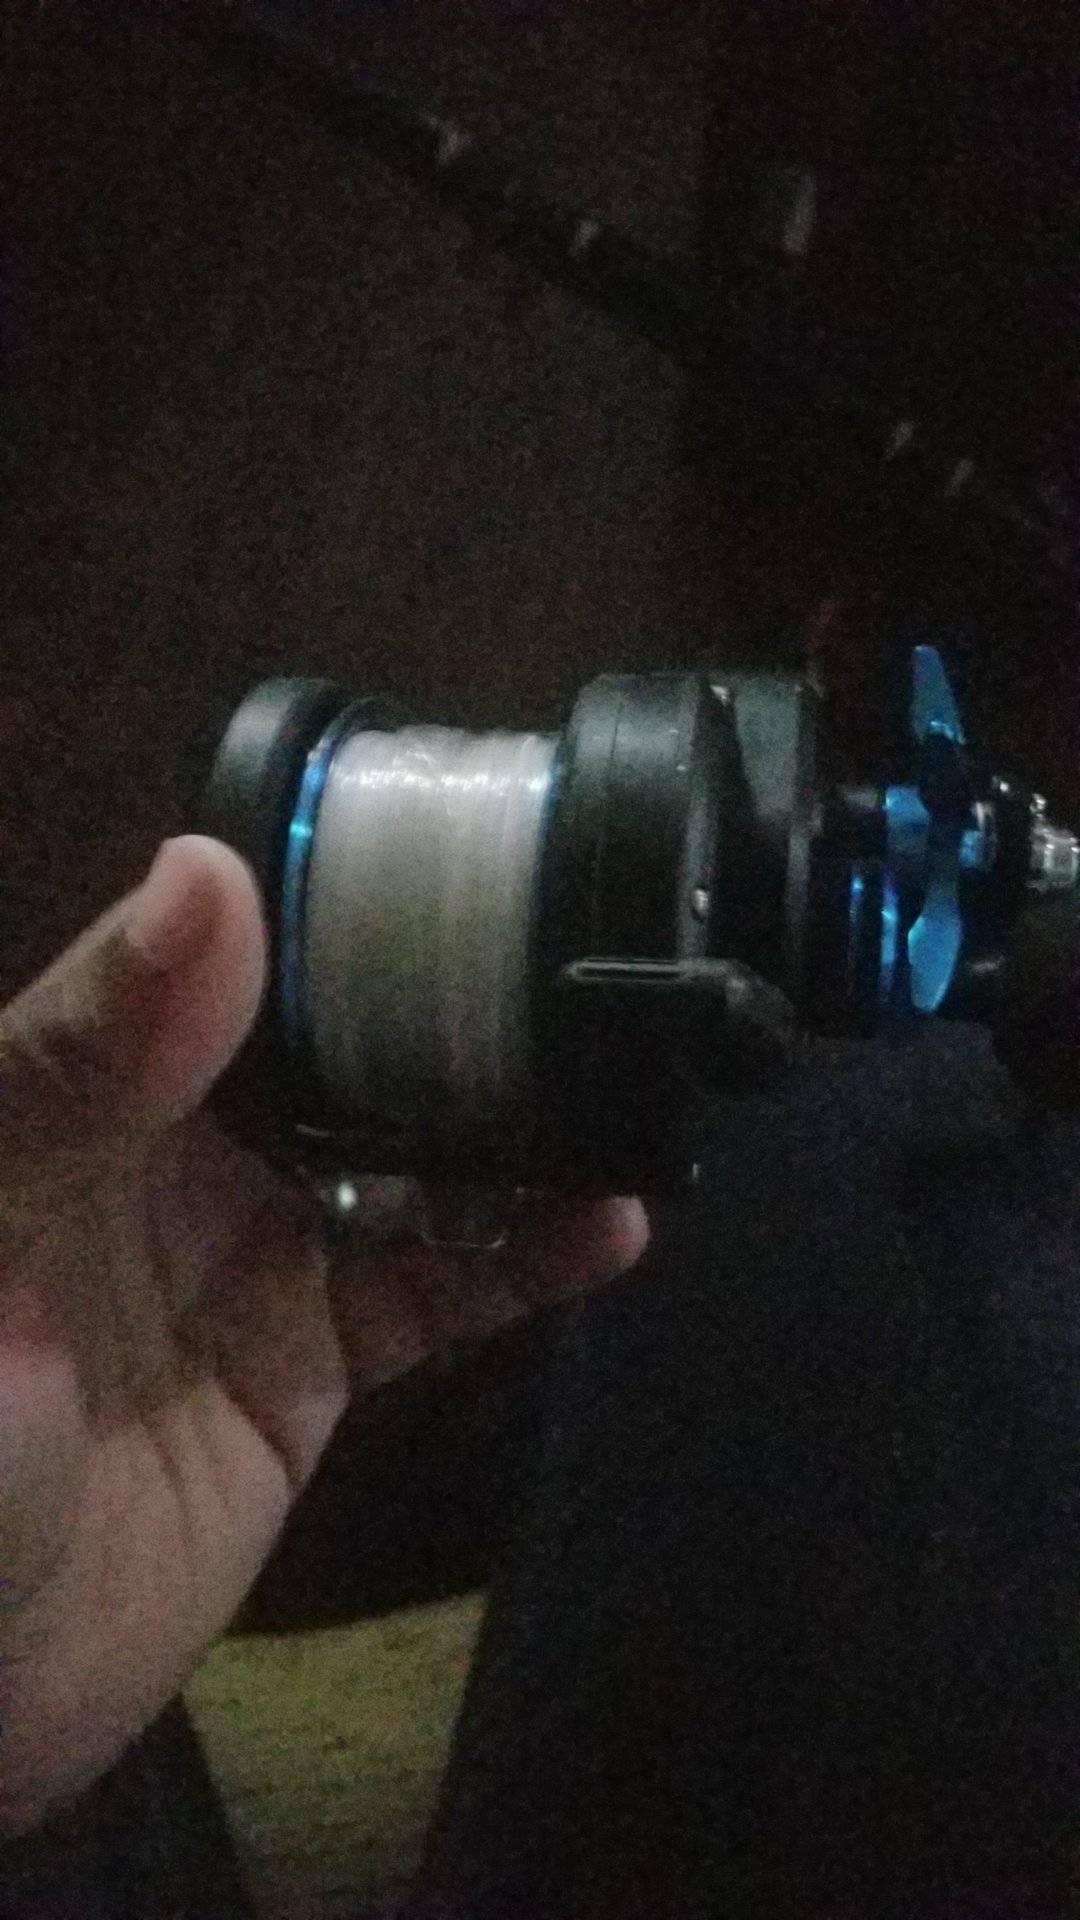 9cb8484ddb2 For Sale - Daiwa saltist 35h Blue & black $200 | Bloodydecks